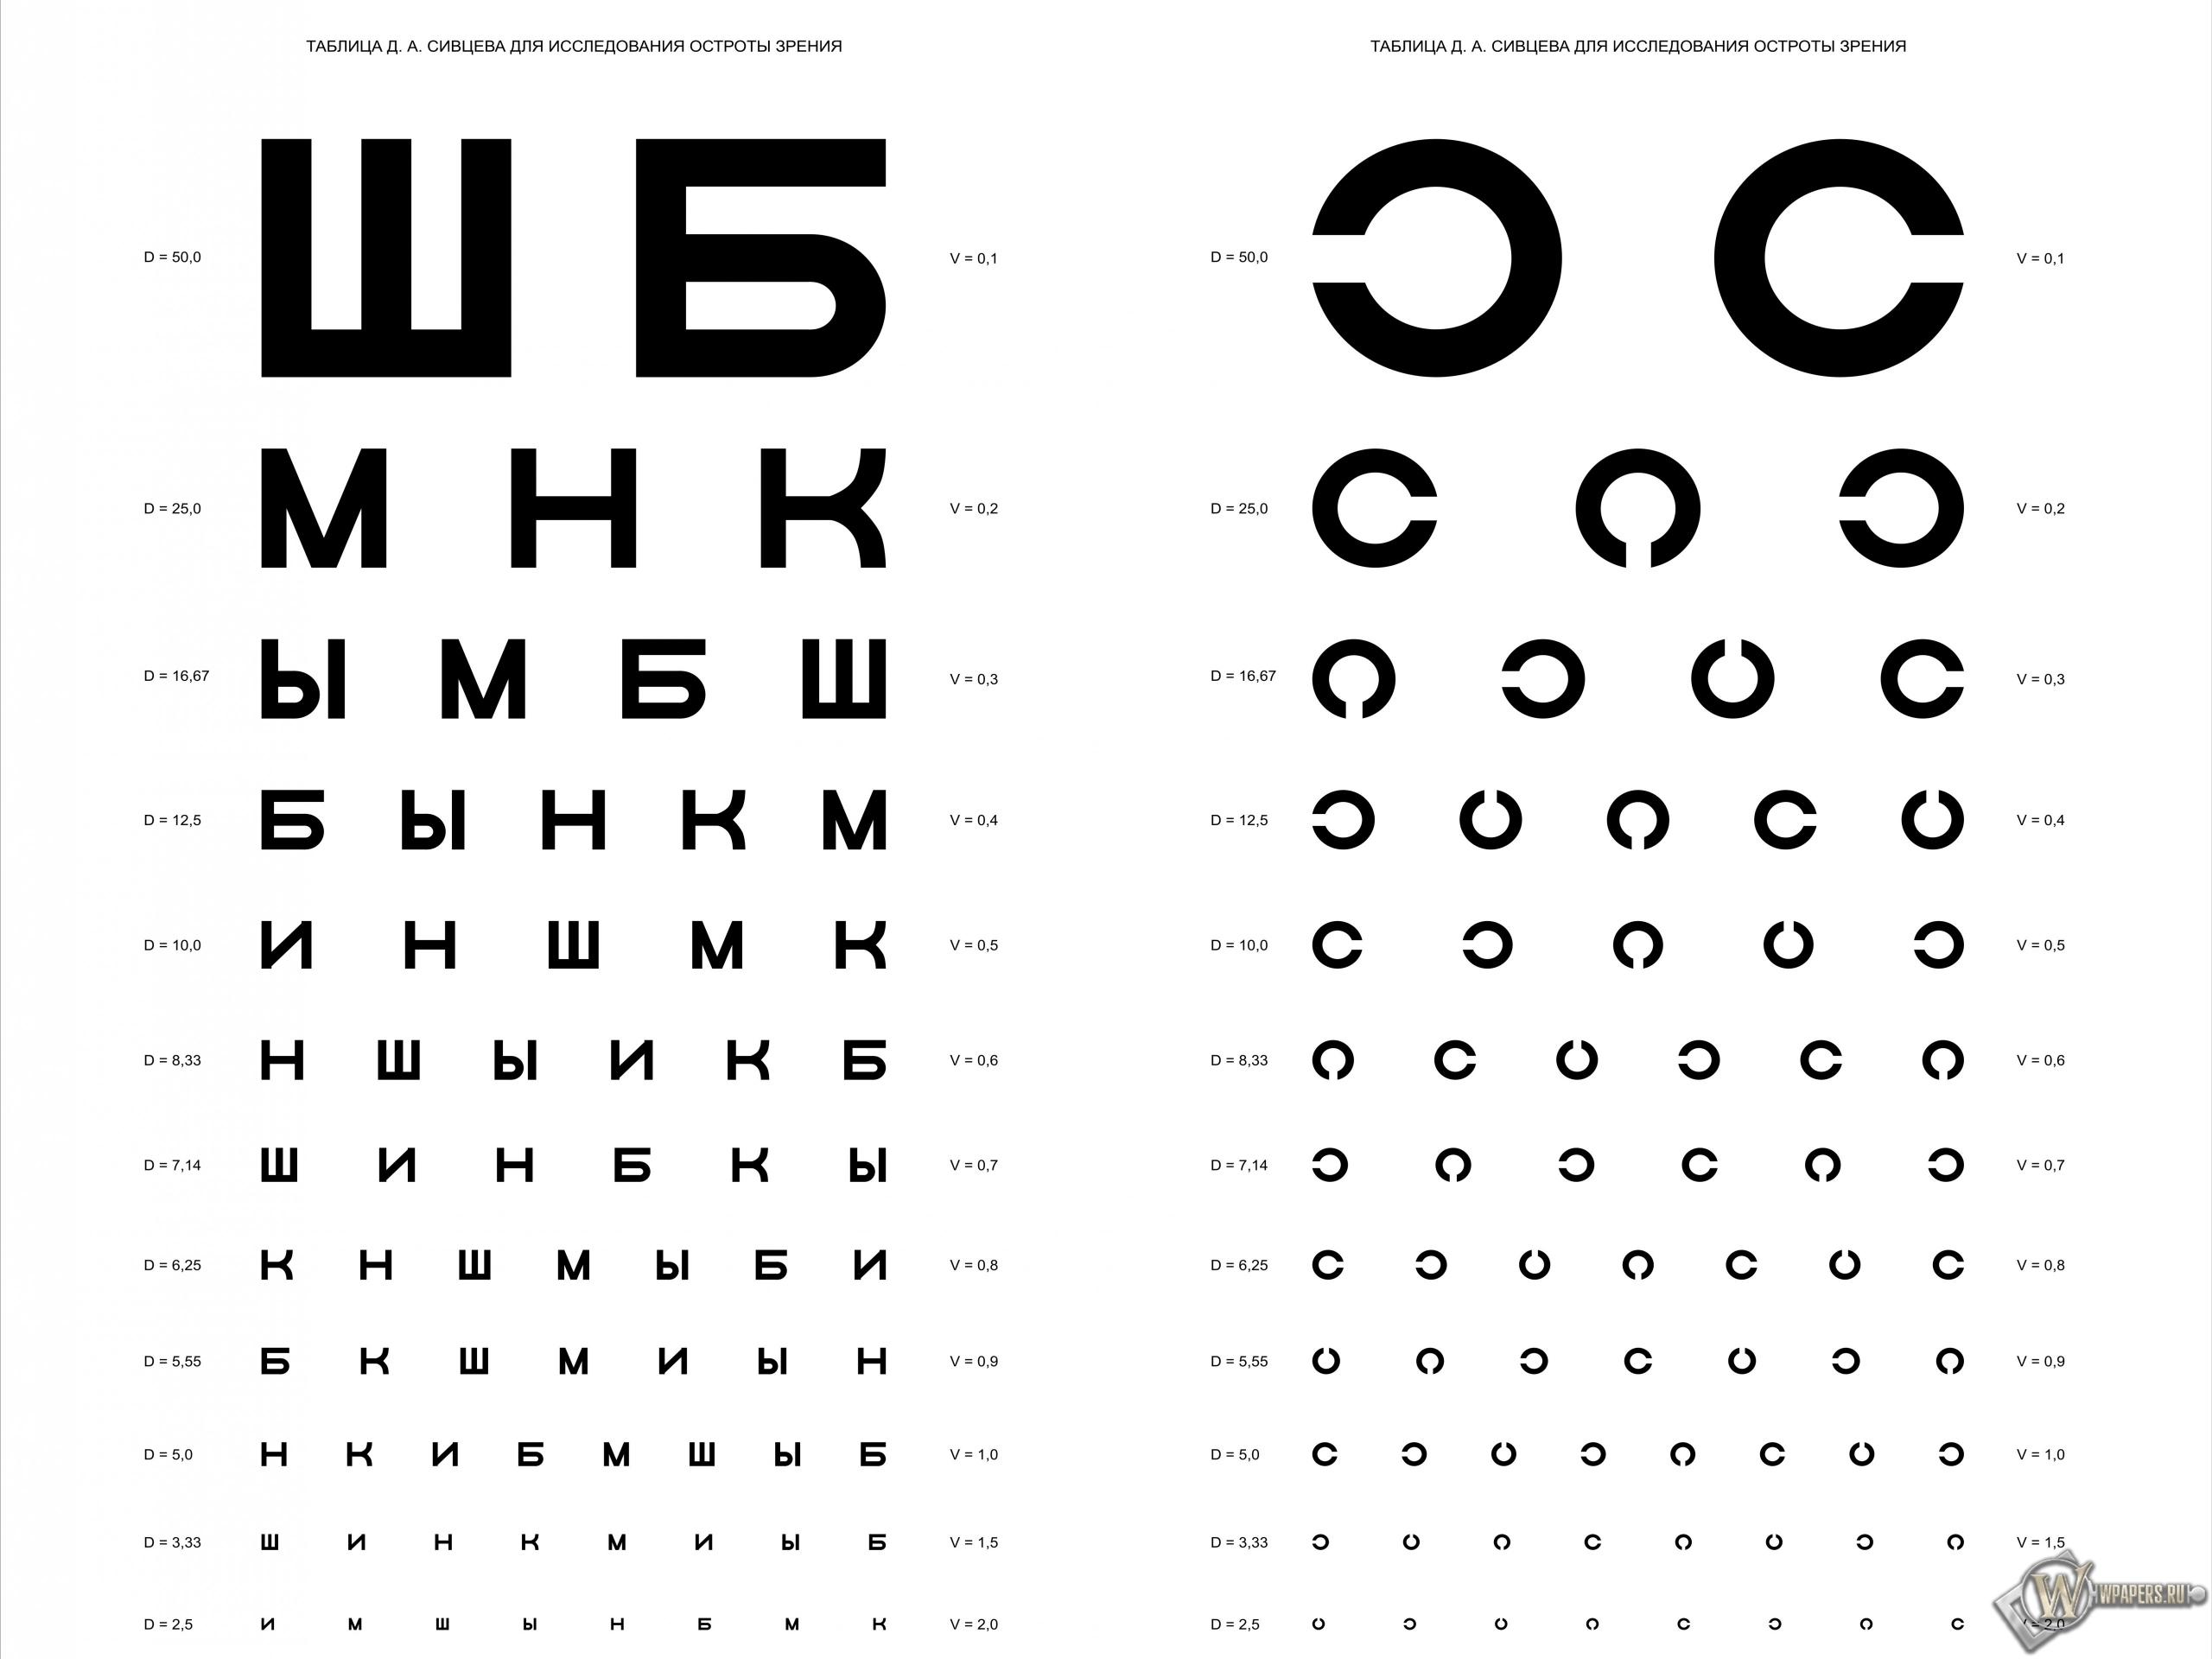 Таблица Д.А. Сивцева для проверки зрения 2560x1920